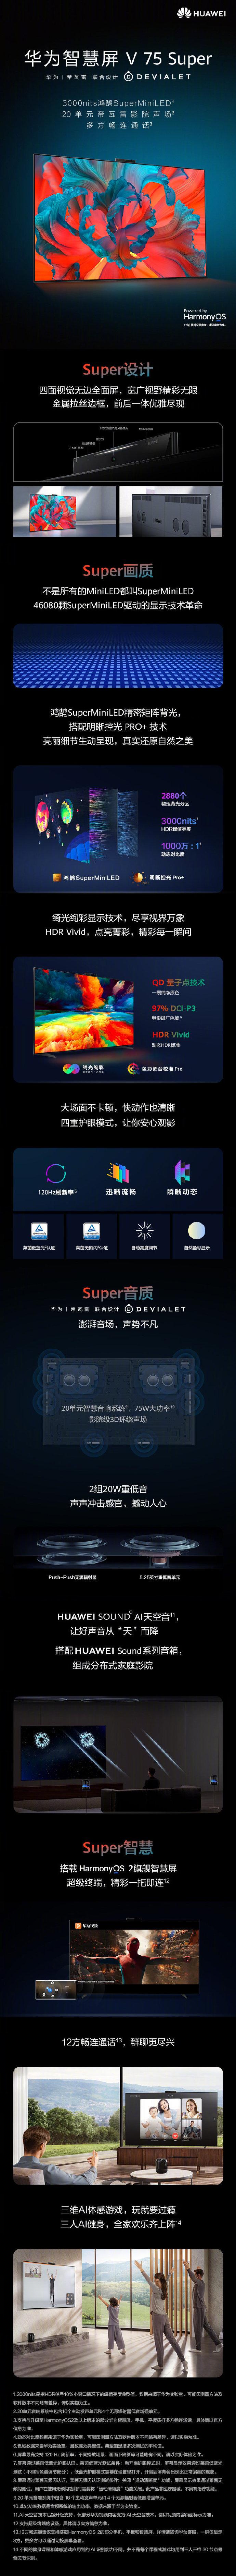 华为智慧屏 V98 、华为 V75 Super 智慧屏正式发布